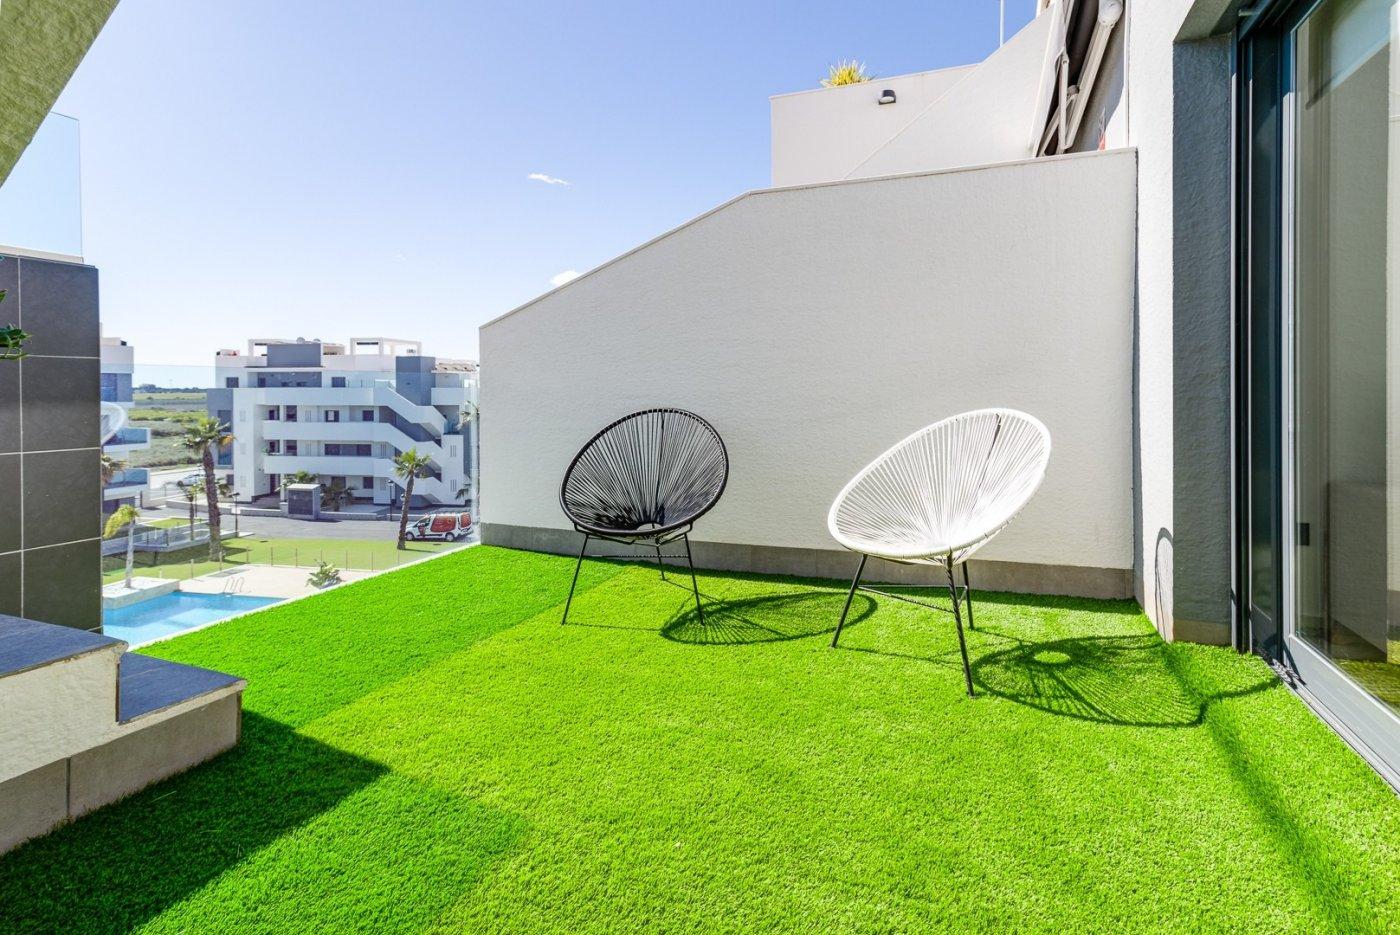 Nuevo complejo residencial en el raso (guardamar)!!! - imagenInmueble10